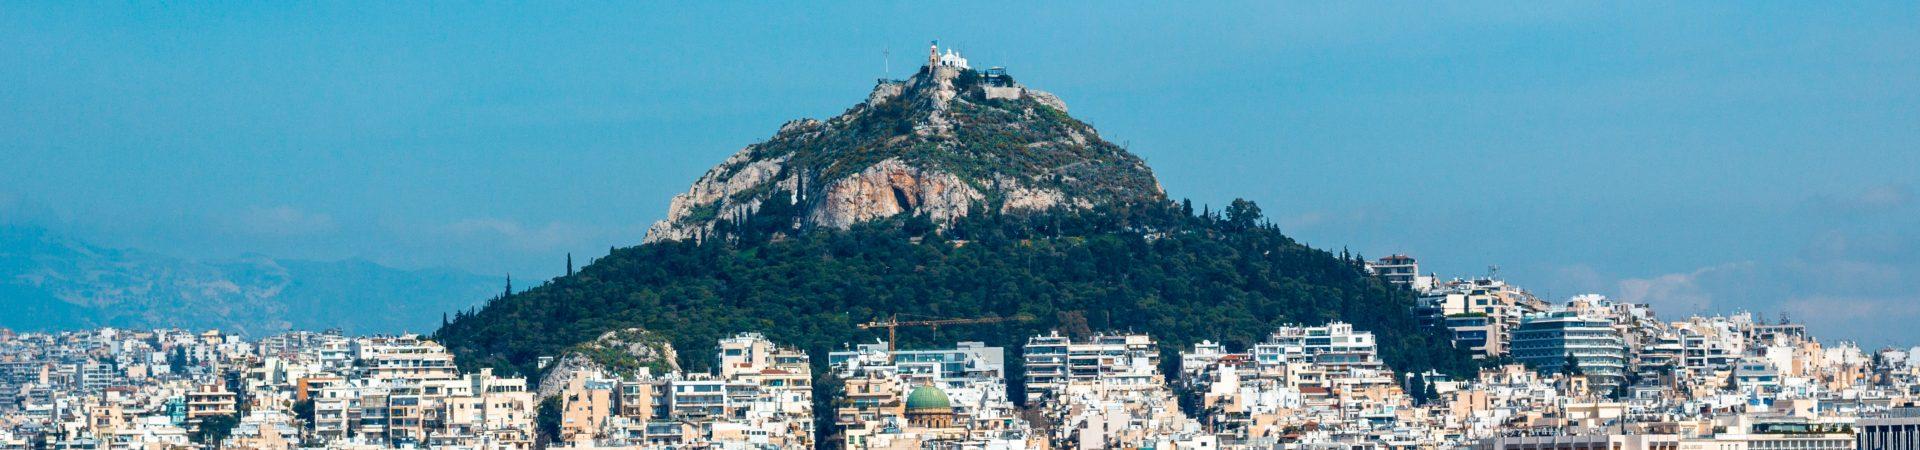 Afbudsrejser til Athen